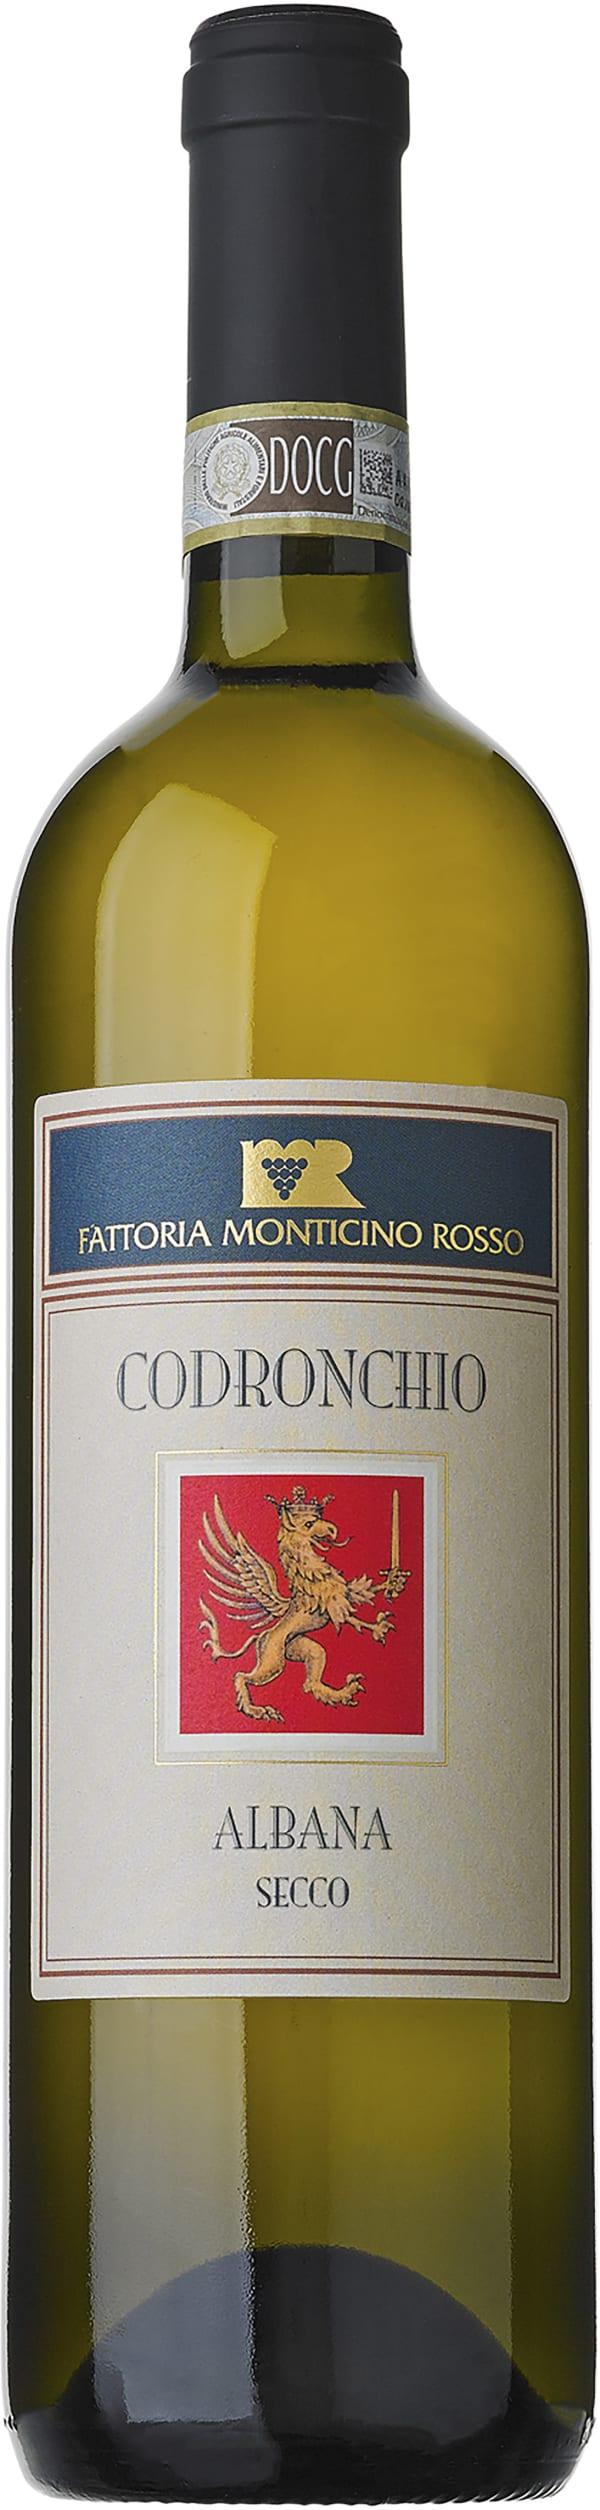 Fattoria Monticino Rosso Codronchio Albana Secco 2015